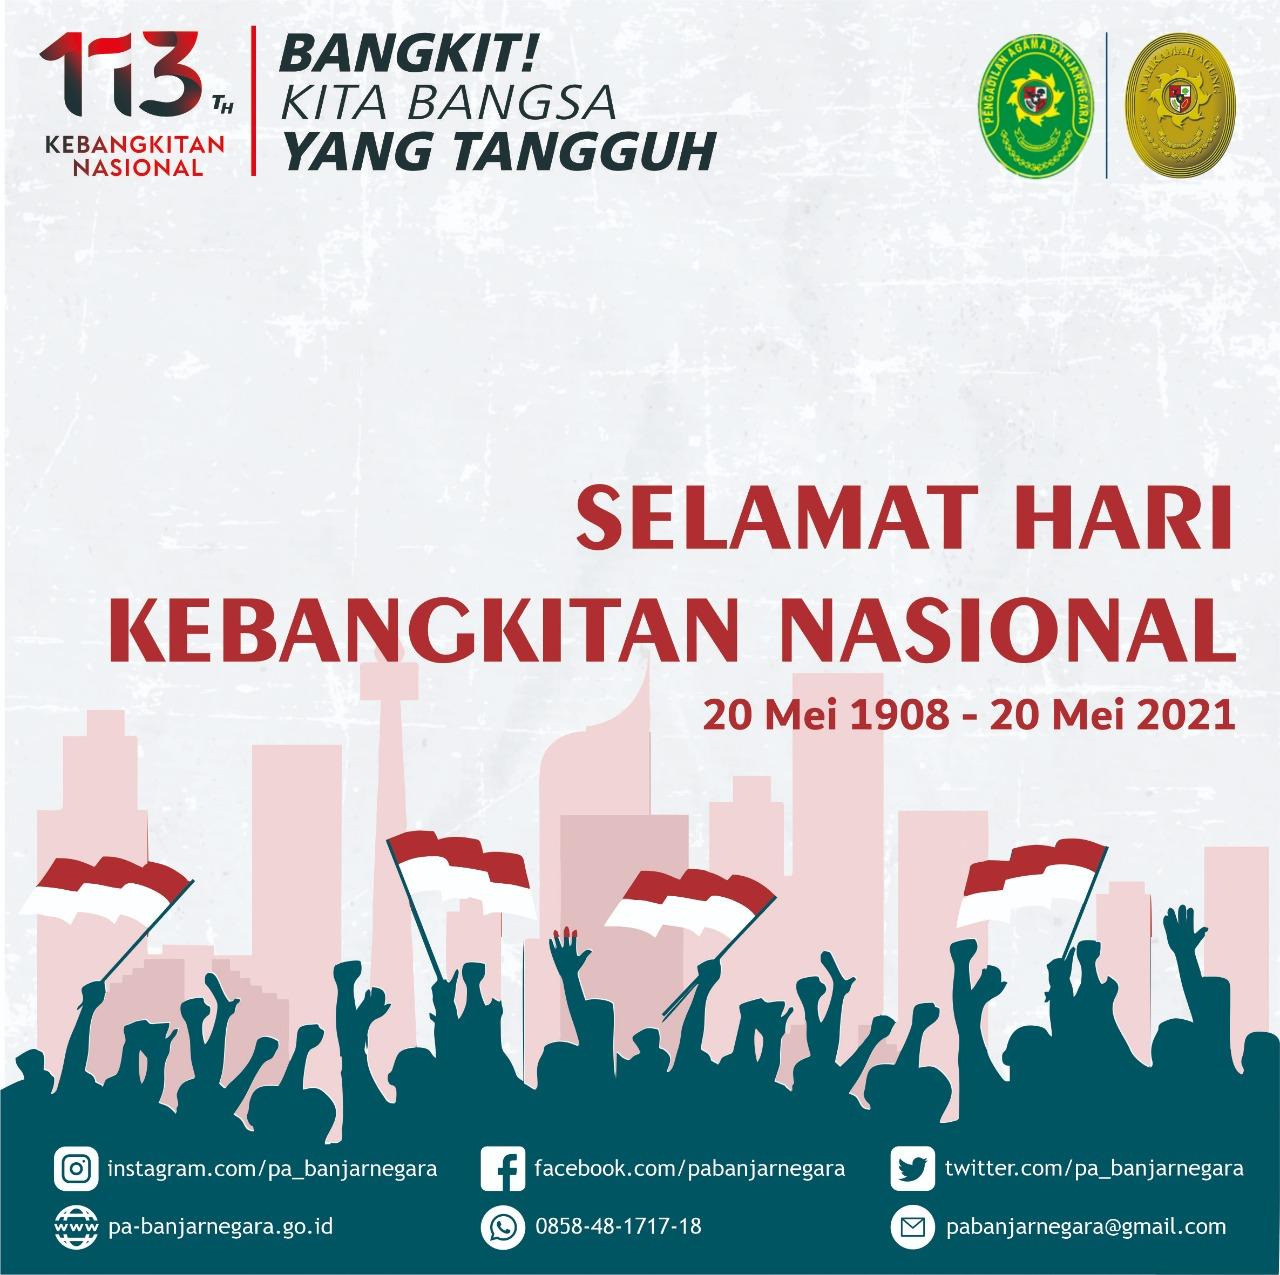 Selamat Hari Kebangkitan Nasional 2021